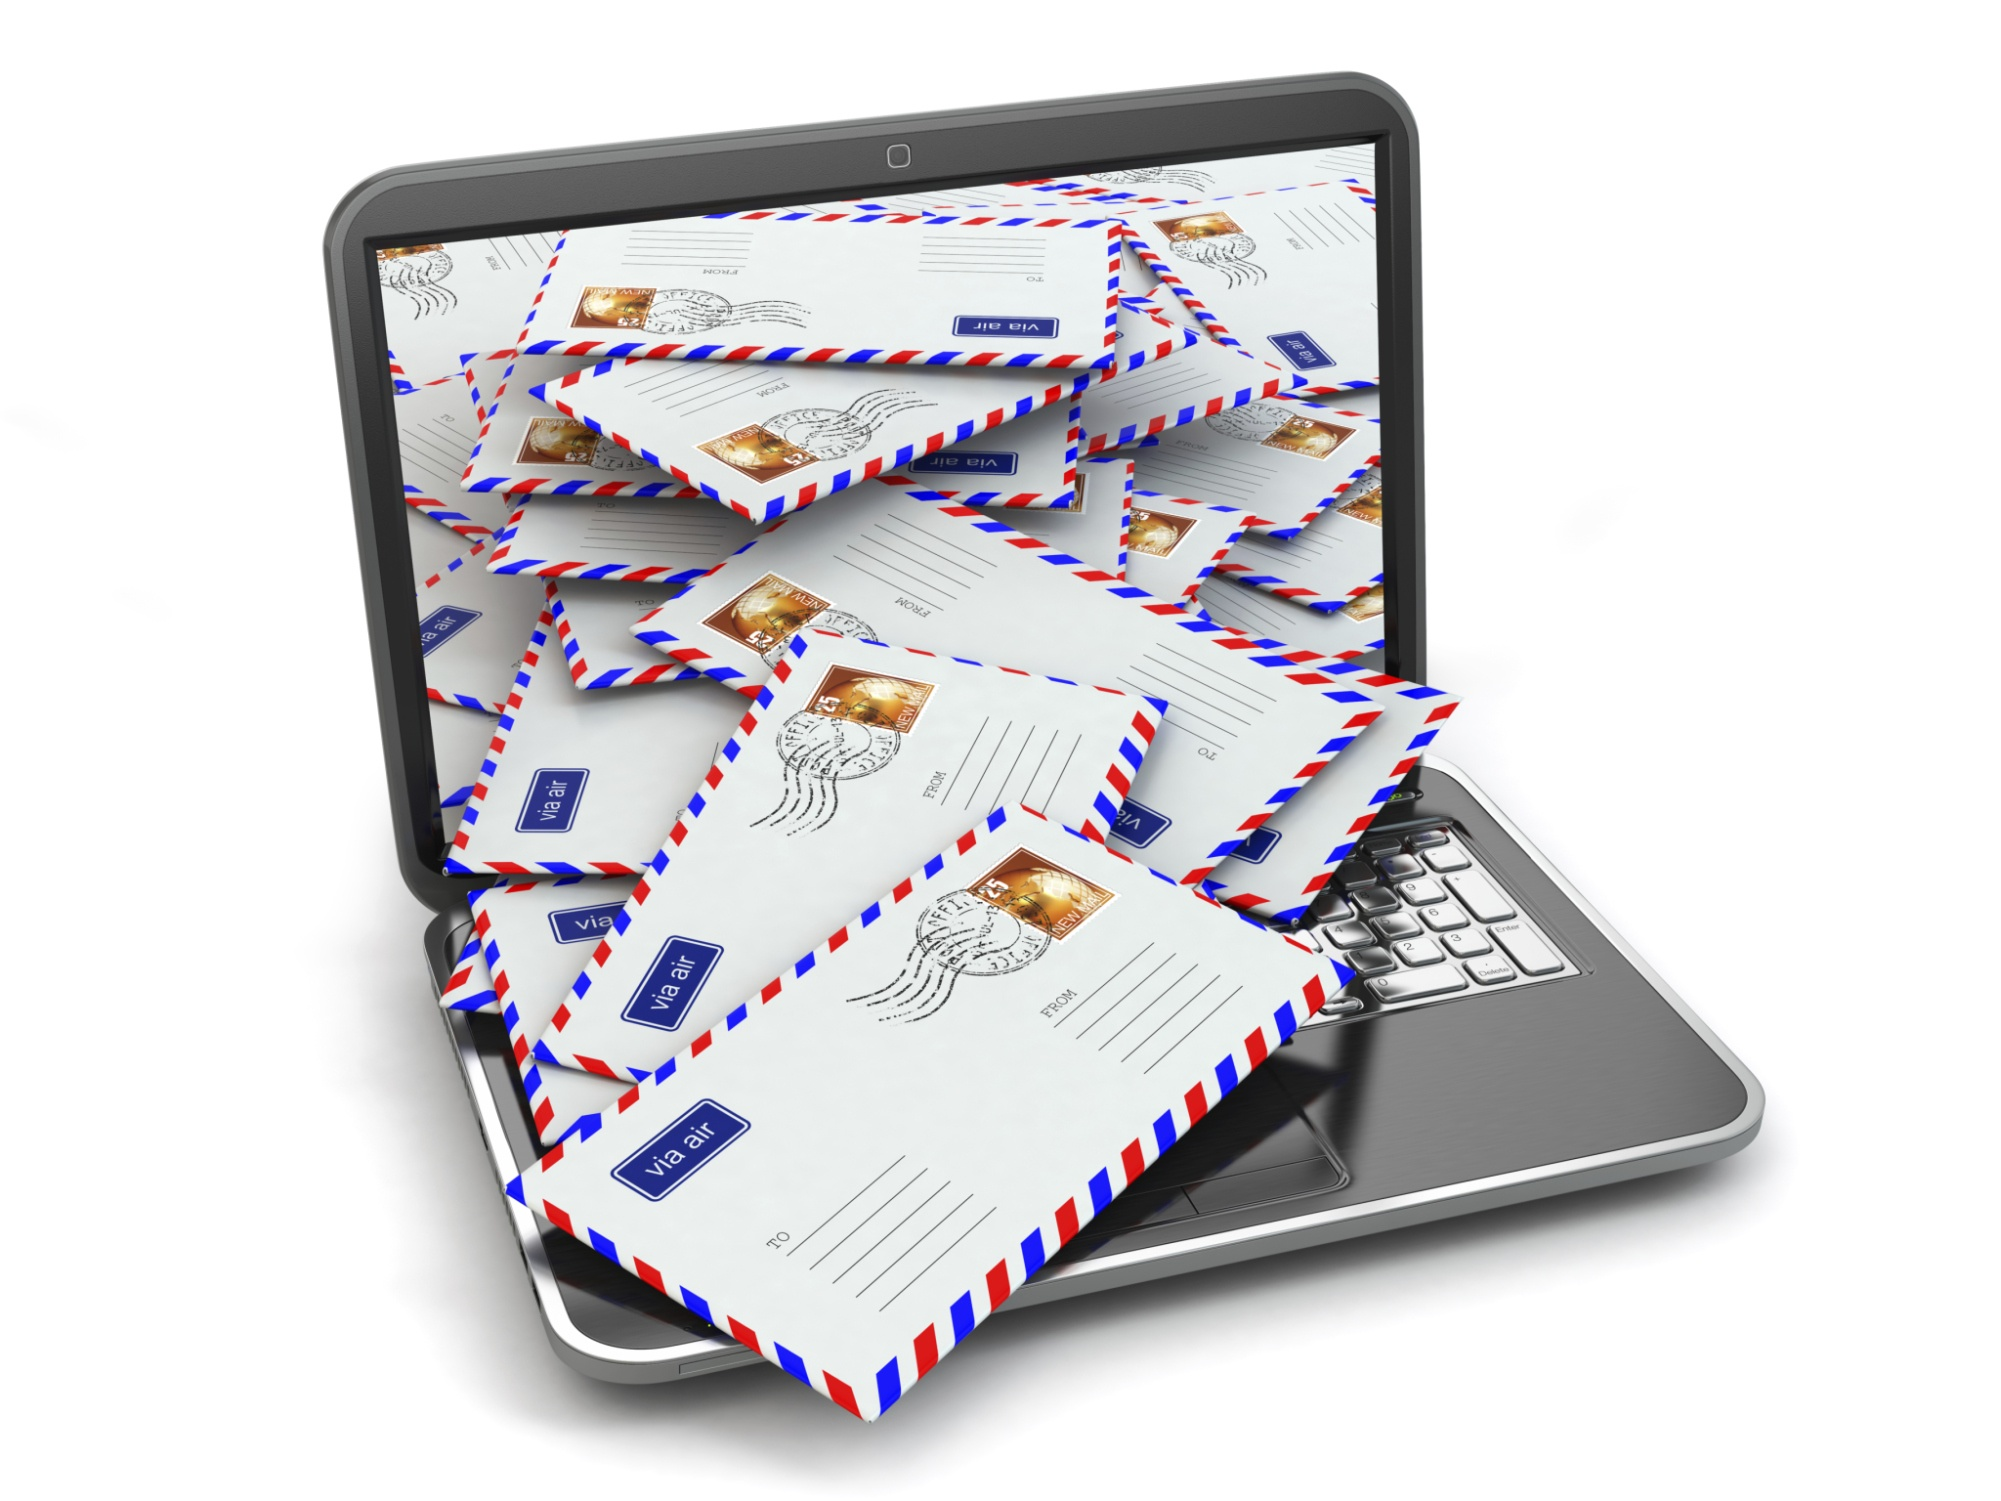 Cuando se trata de enviar correos electrónicos, menos es más